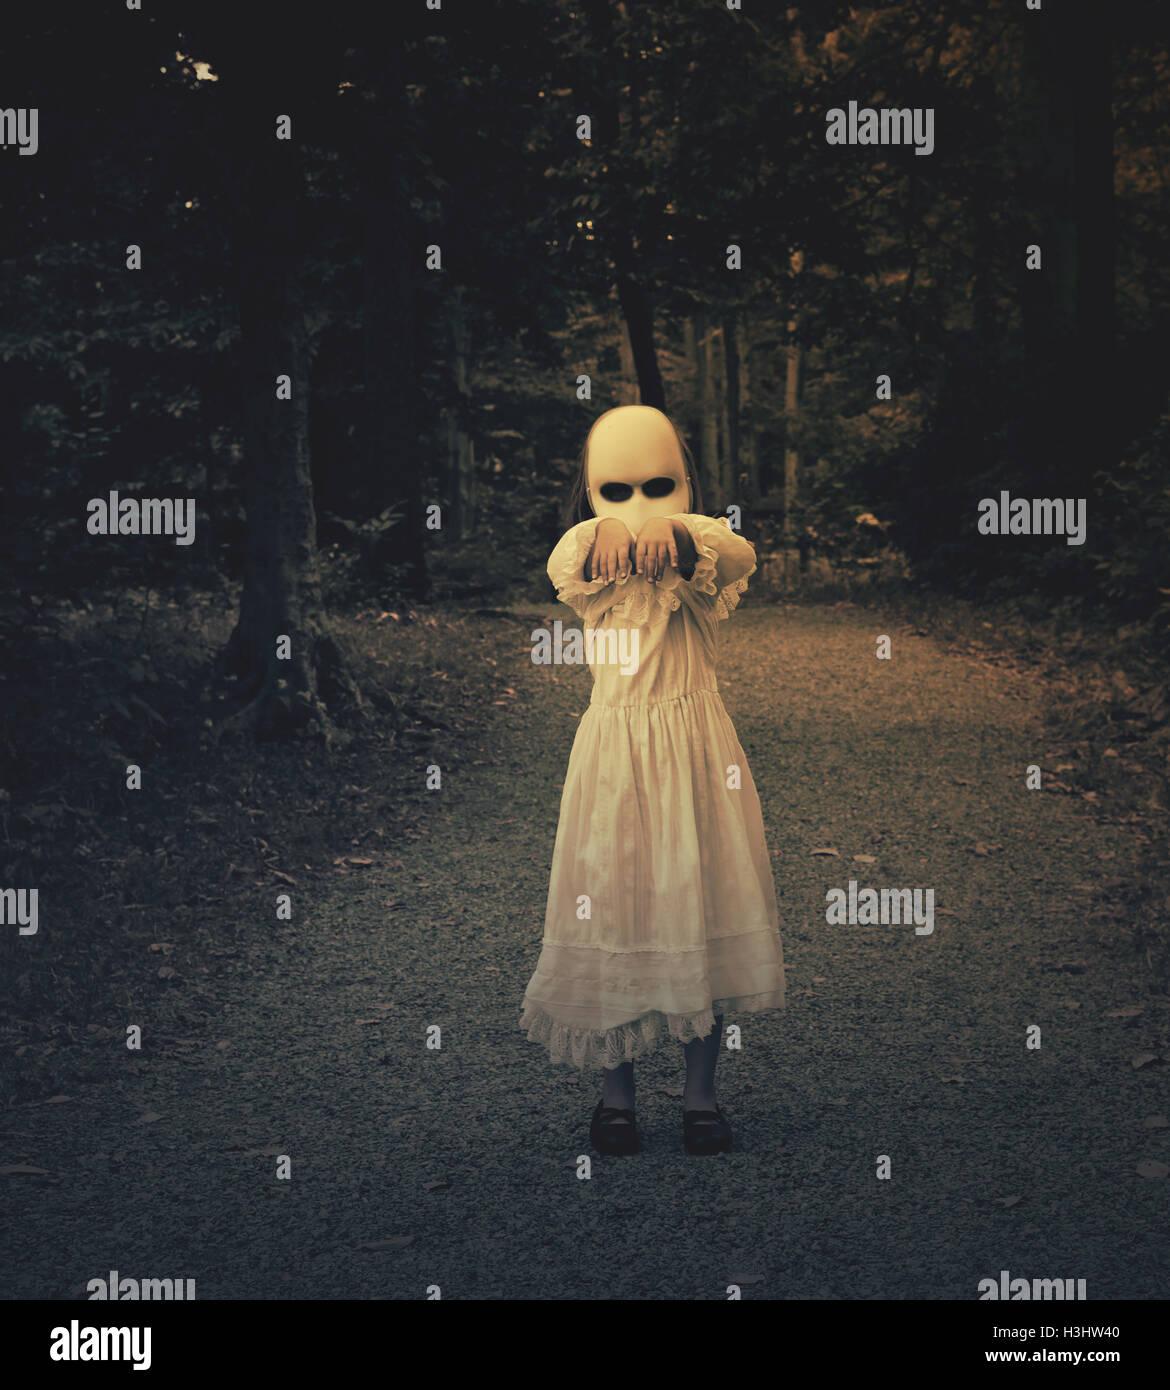 Un terrorífico fantasma mal vestida de un vestido blanco y la cara es caminar en las maderas oscuras con sus Imagen De Stock